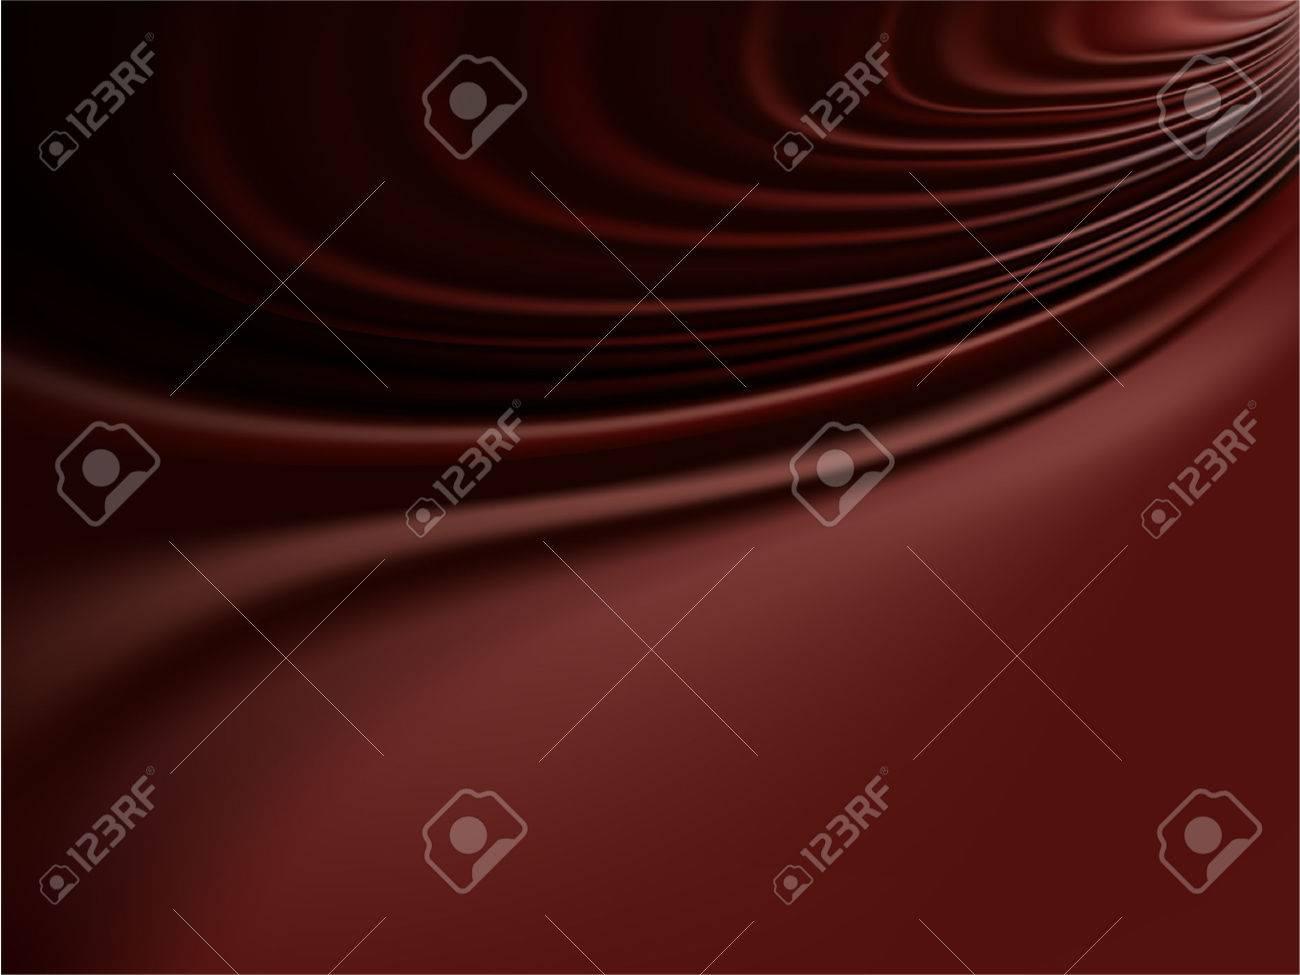 ベクトル 溶融チョコレートや滑らかなサテンの退廃的なひだのイラスト